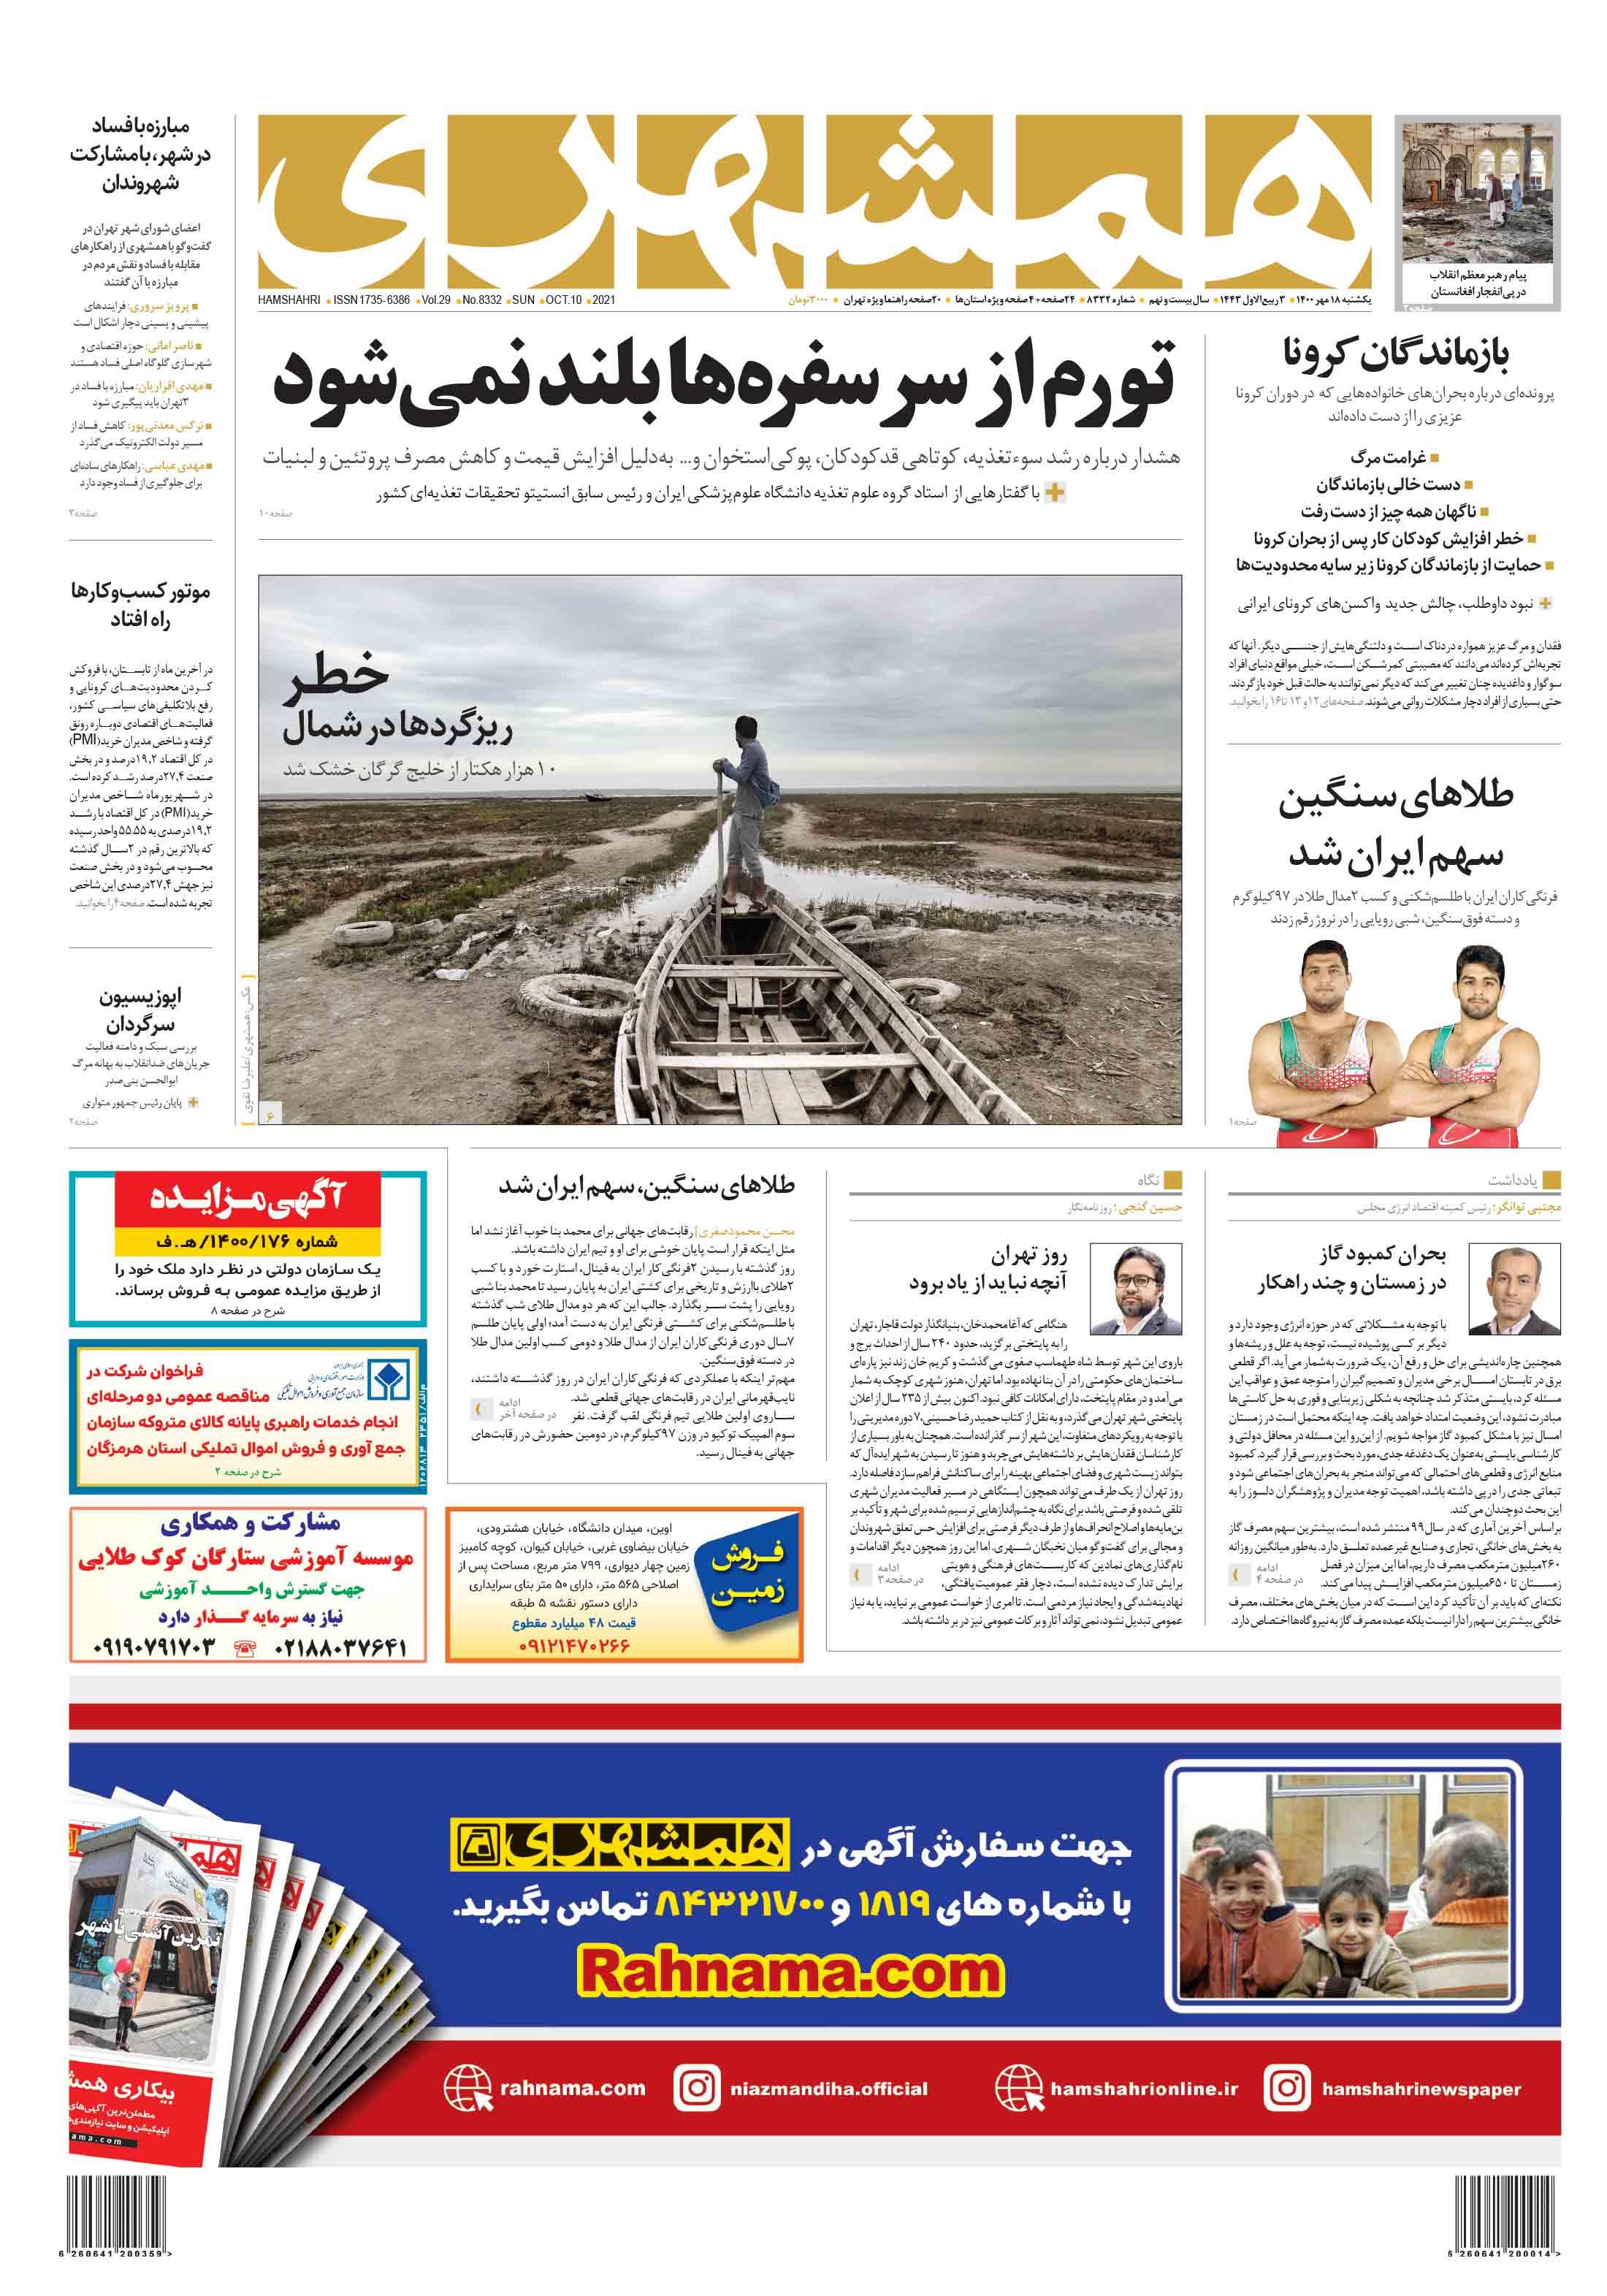 صفحه اول یکشنبه 18 مهر 1400